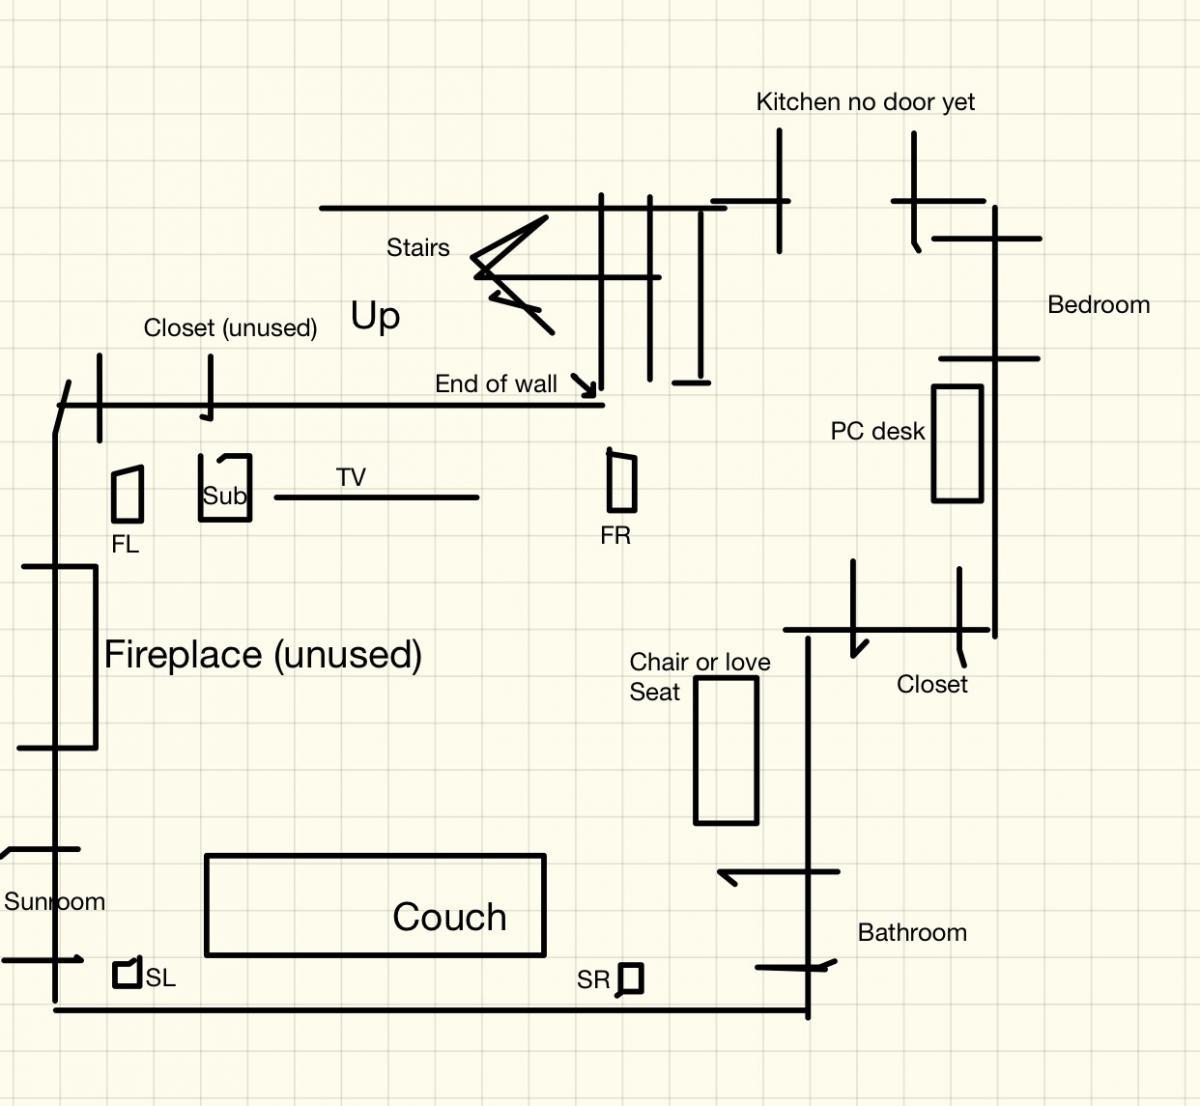 Room layout help!-image_1429898205774.jpg